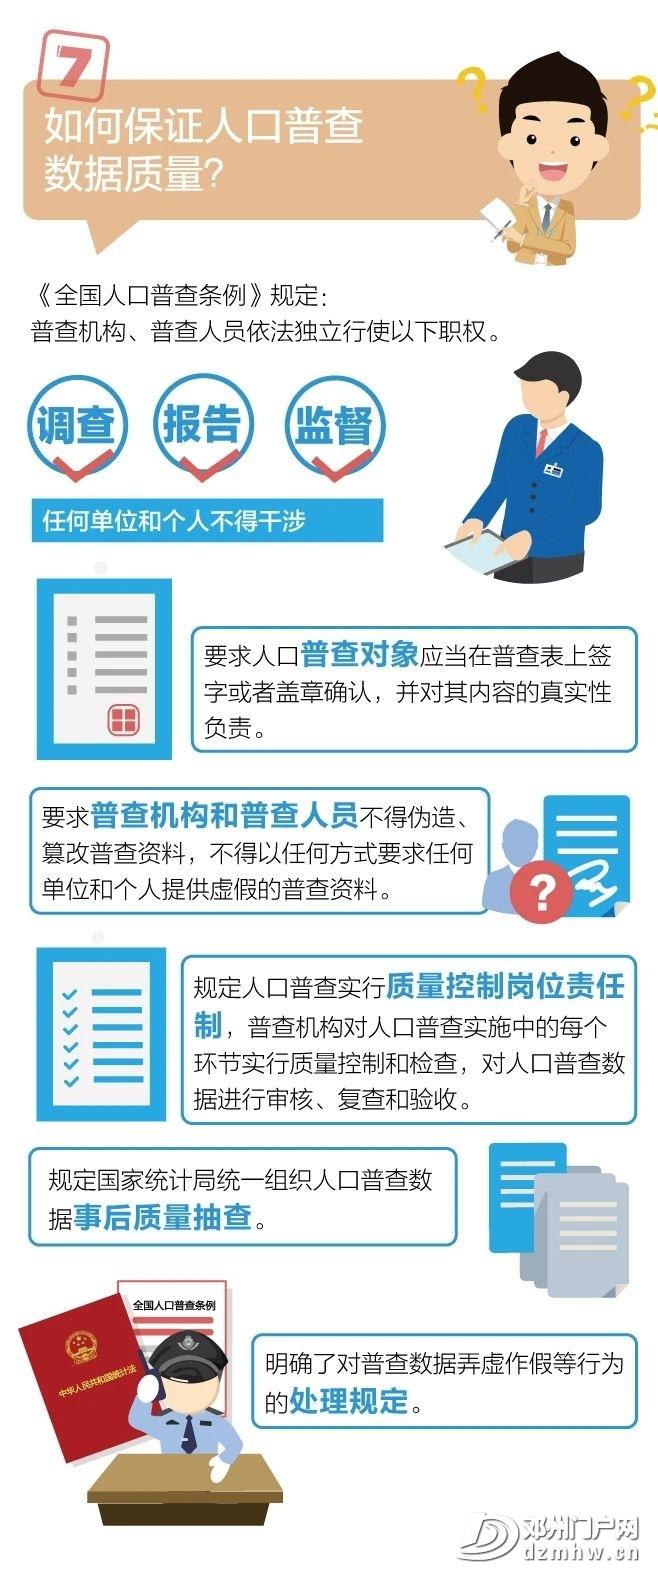 有身份证户口本,为啥还人口普查?请您了解 - 邓州门户网|邓州网 - 6a69e618163db3238536958269d4948d.jpg